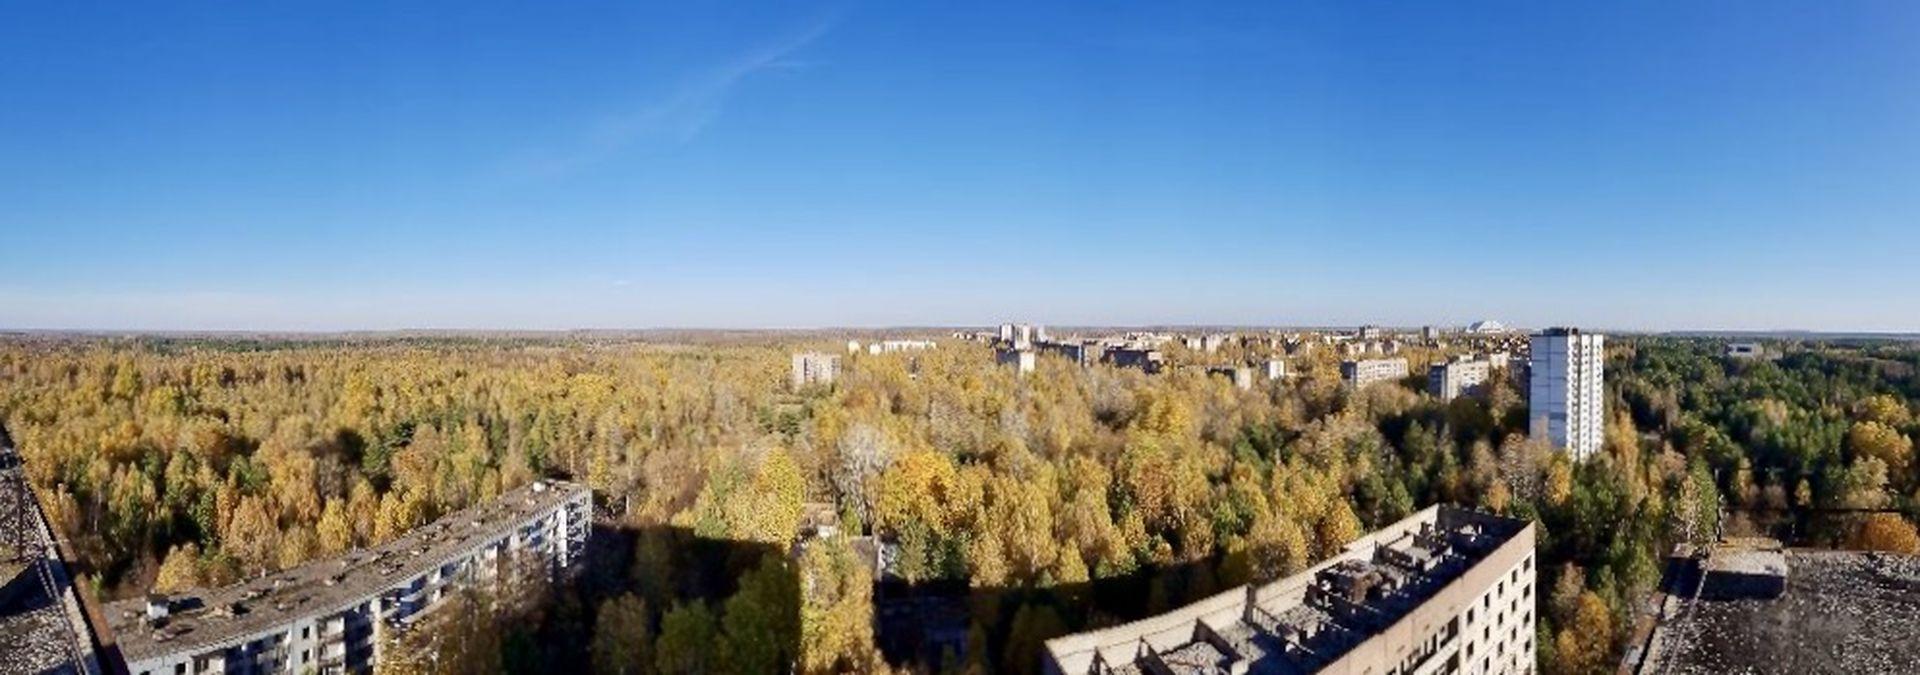 Der Blick über die Sperrzone von Tschernobyl: Zum rechten Bildrand hin ist der Reaktor zu sehen, seit Juli 2019 ummantelt von einer neuen Schutzhülle aus Stahl.